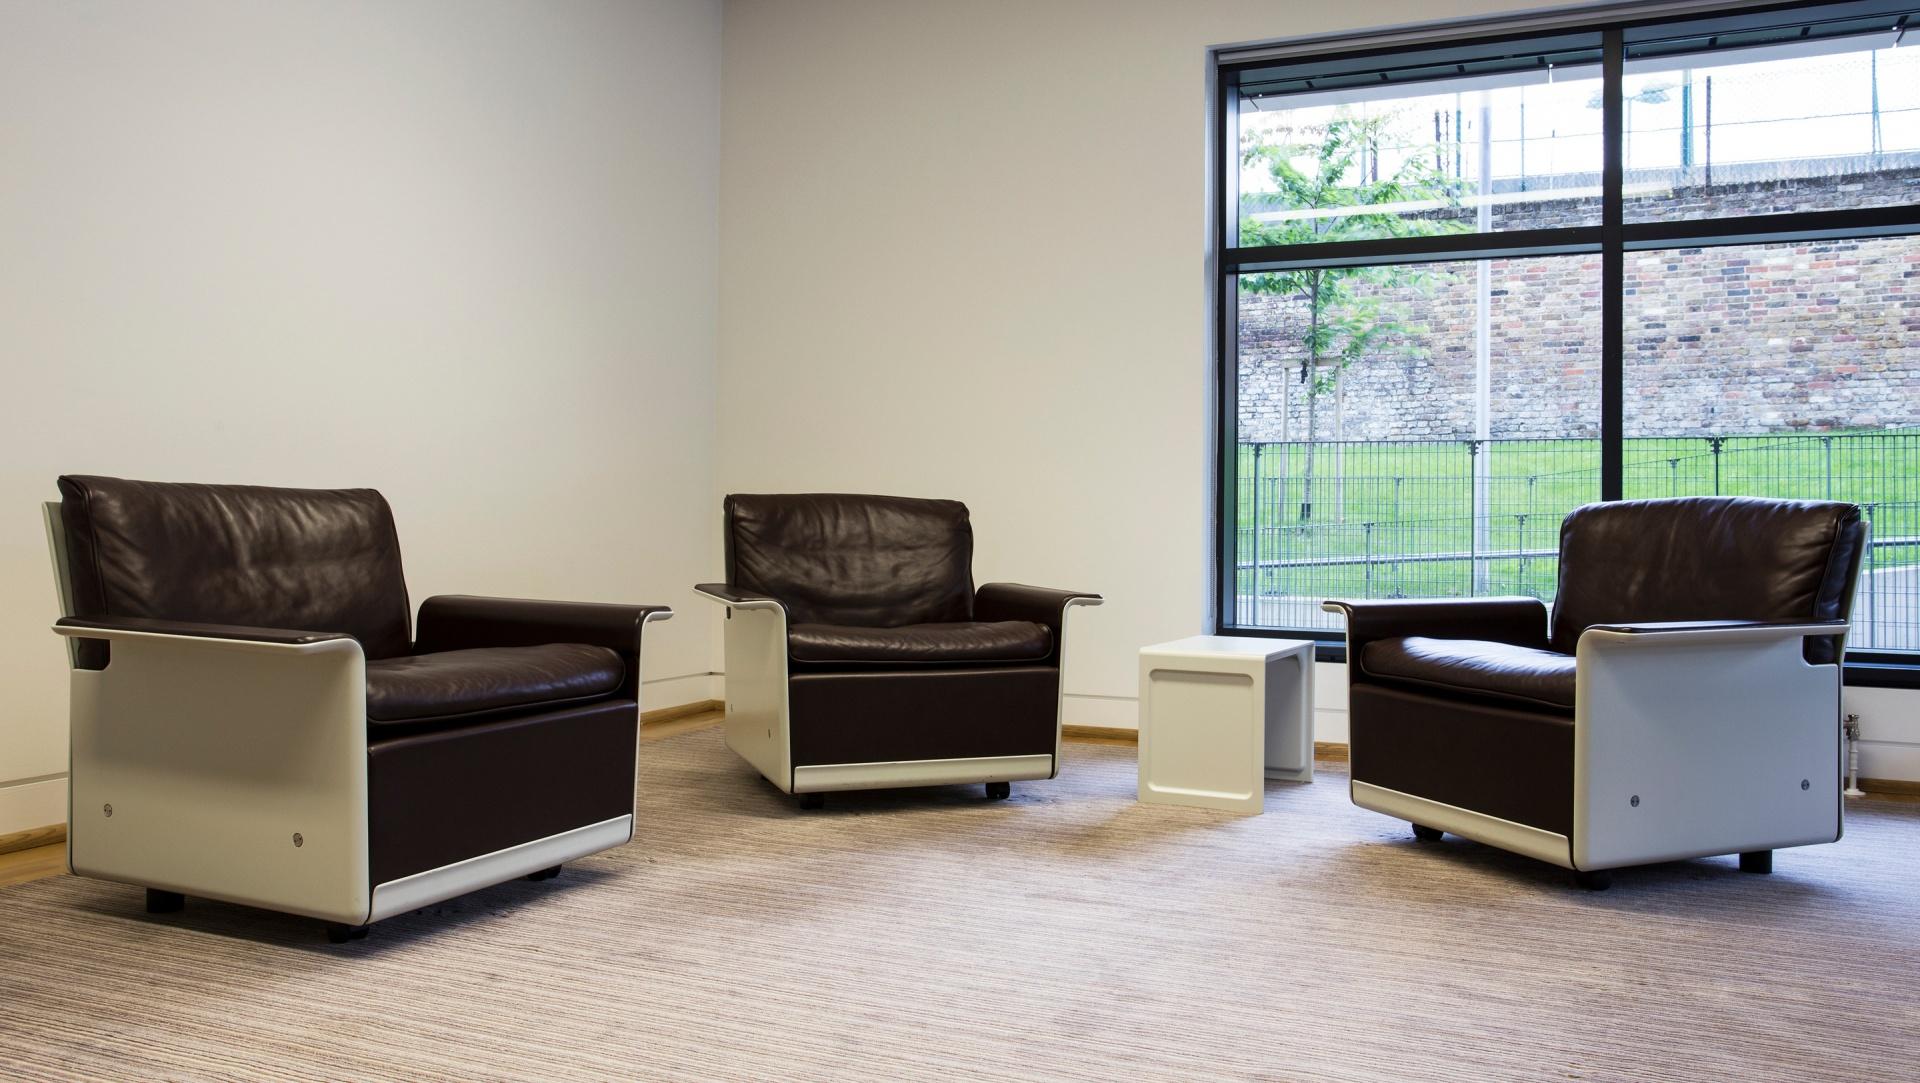 Das Sesselprogramm 620 und der Tische 621 schaffen flexiblen und langlebigen Komfort in Büroräumen.